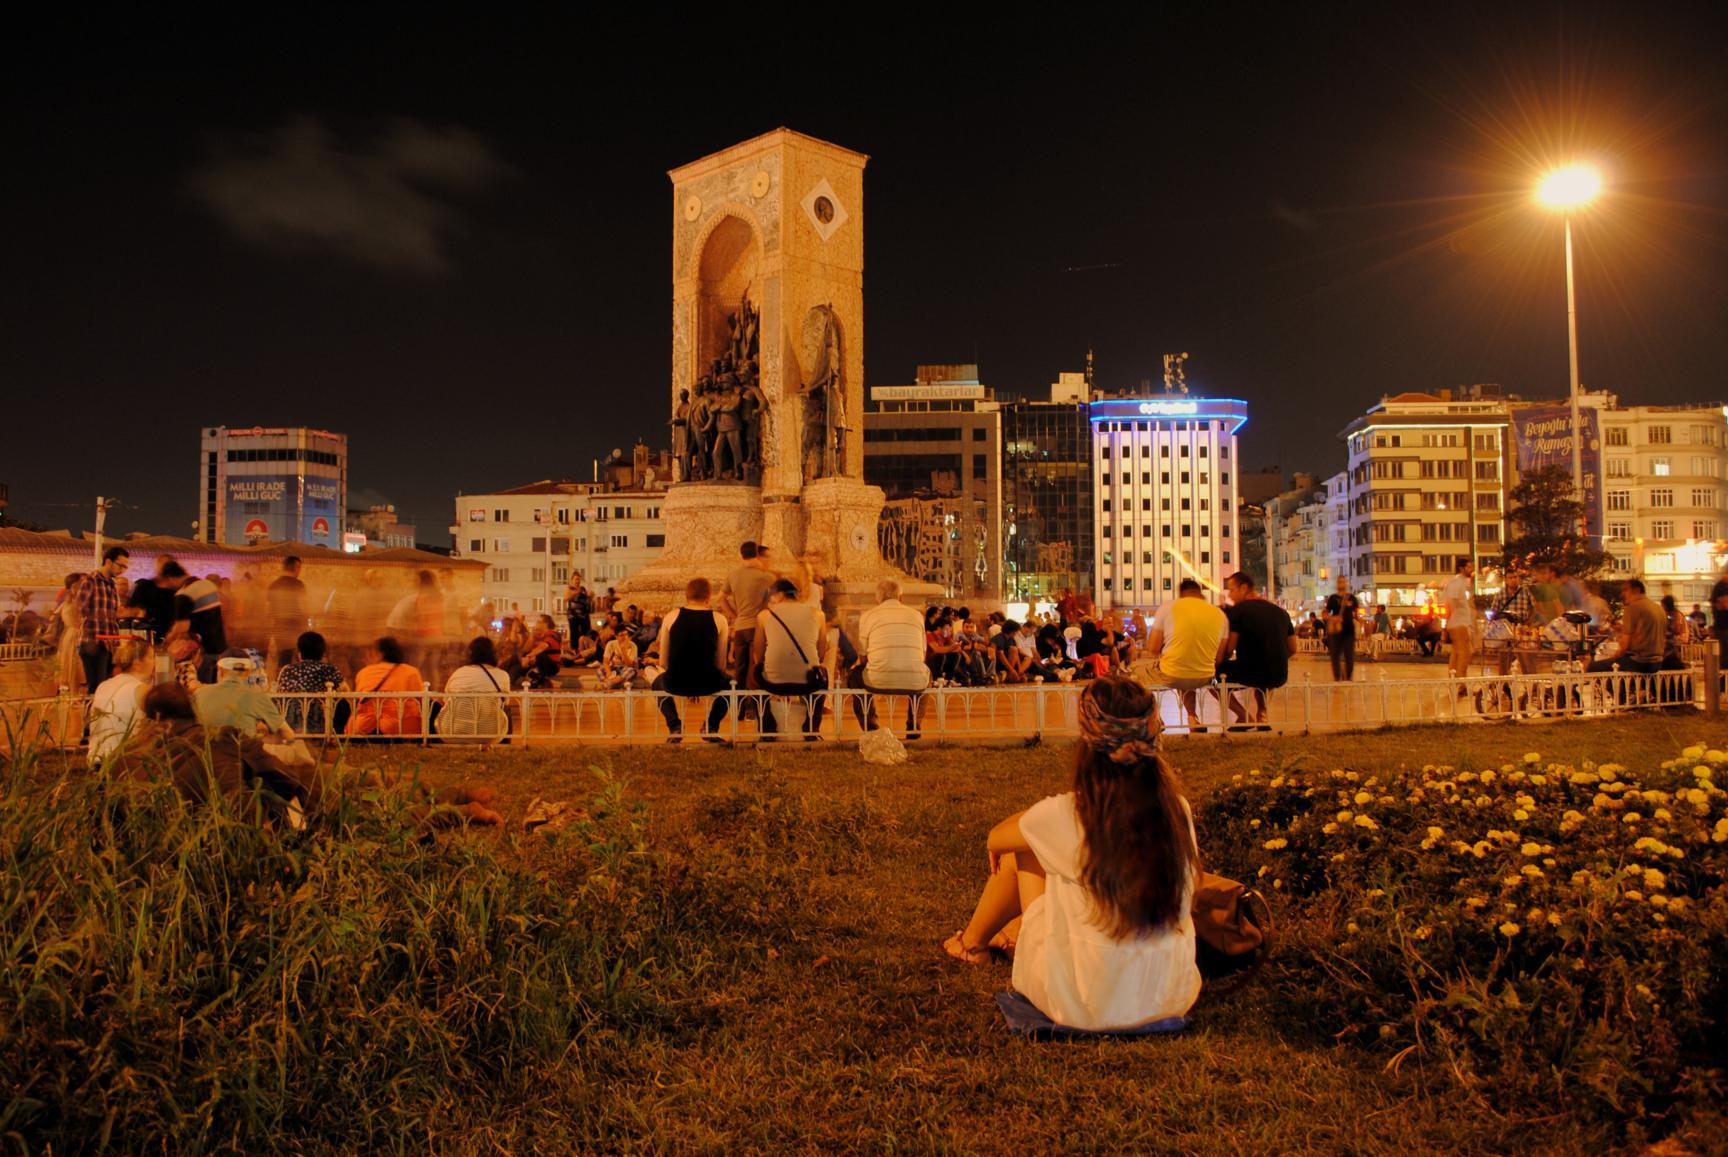 plaza-taksim-2